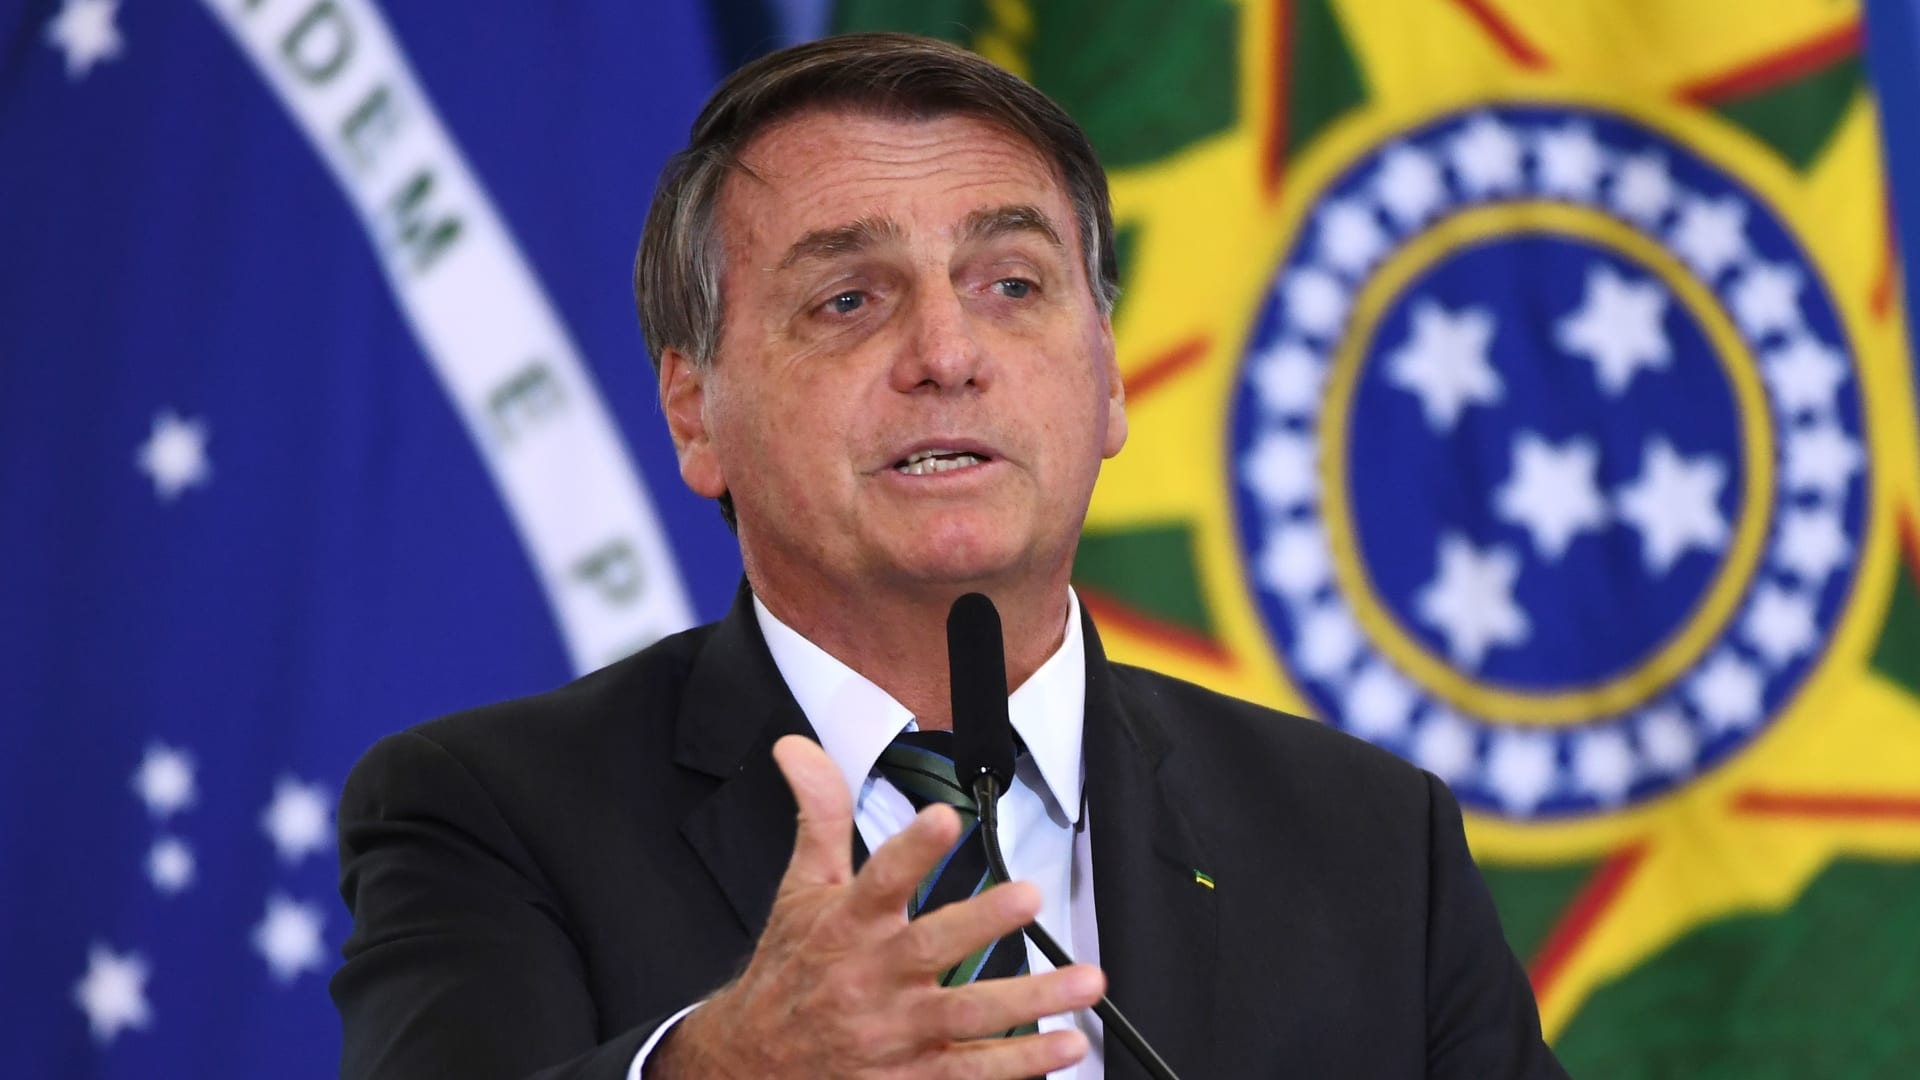 يحدث في البرازيل.. الرئيس يقاضي حكام الولايات لإلغاء قرارات اتخذوها لوقف تفشي كورونا